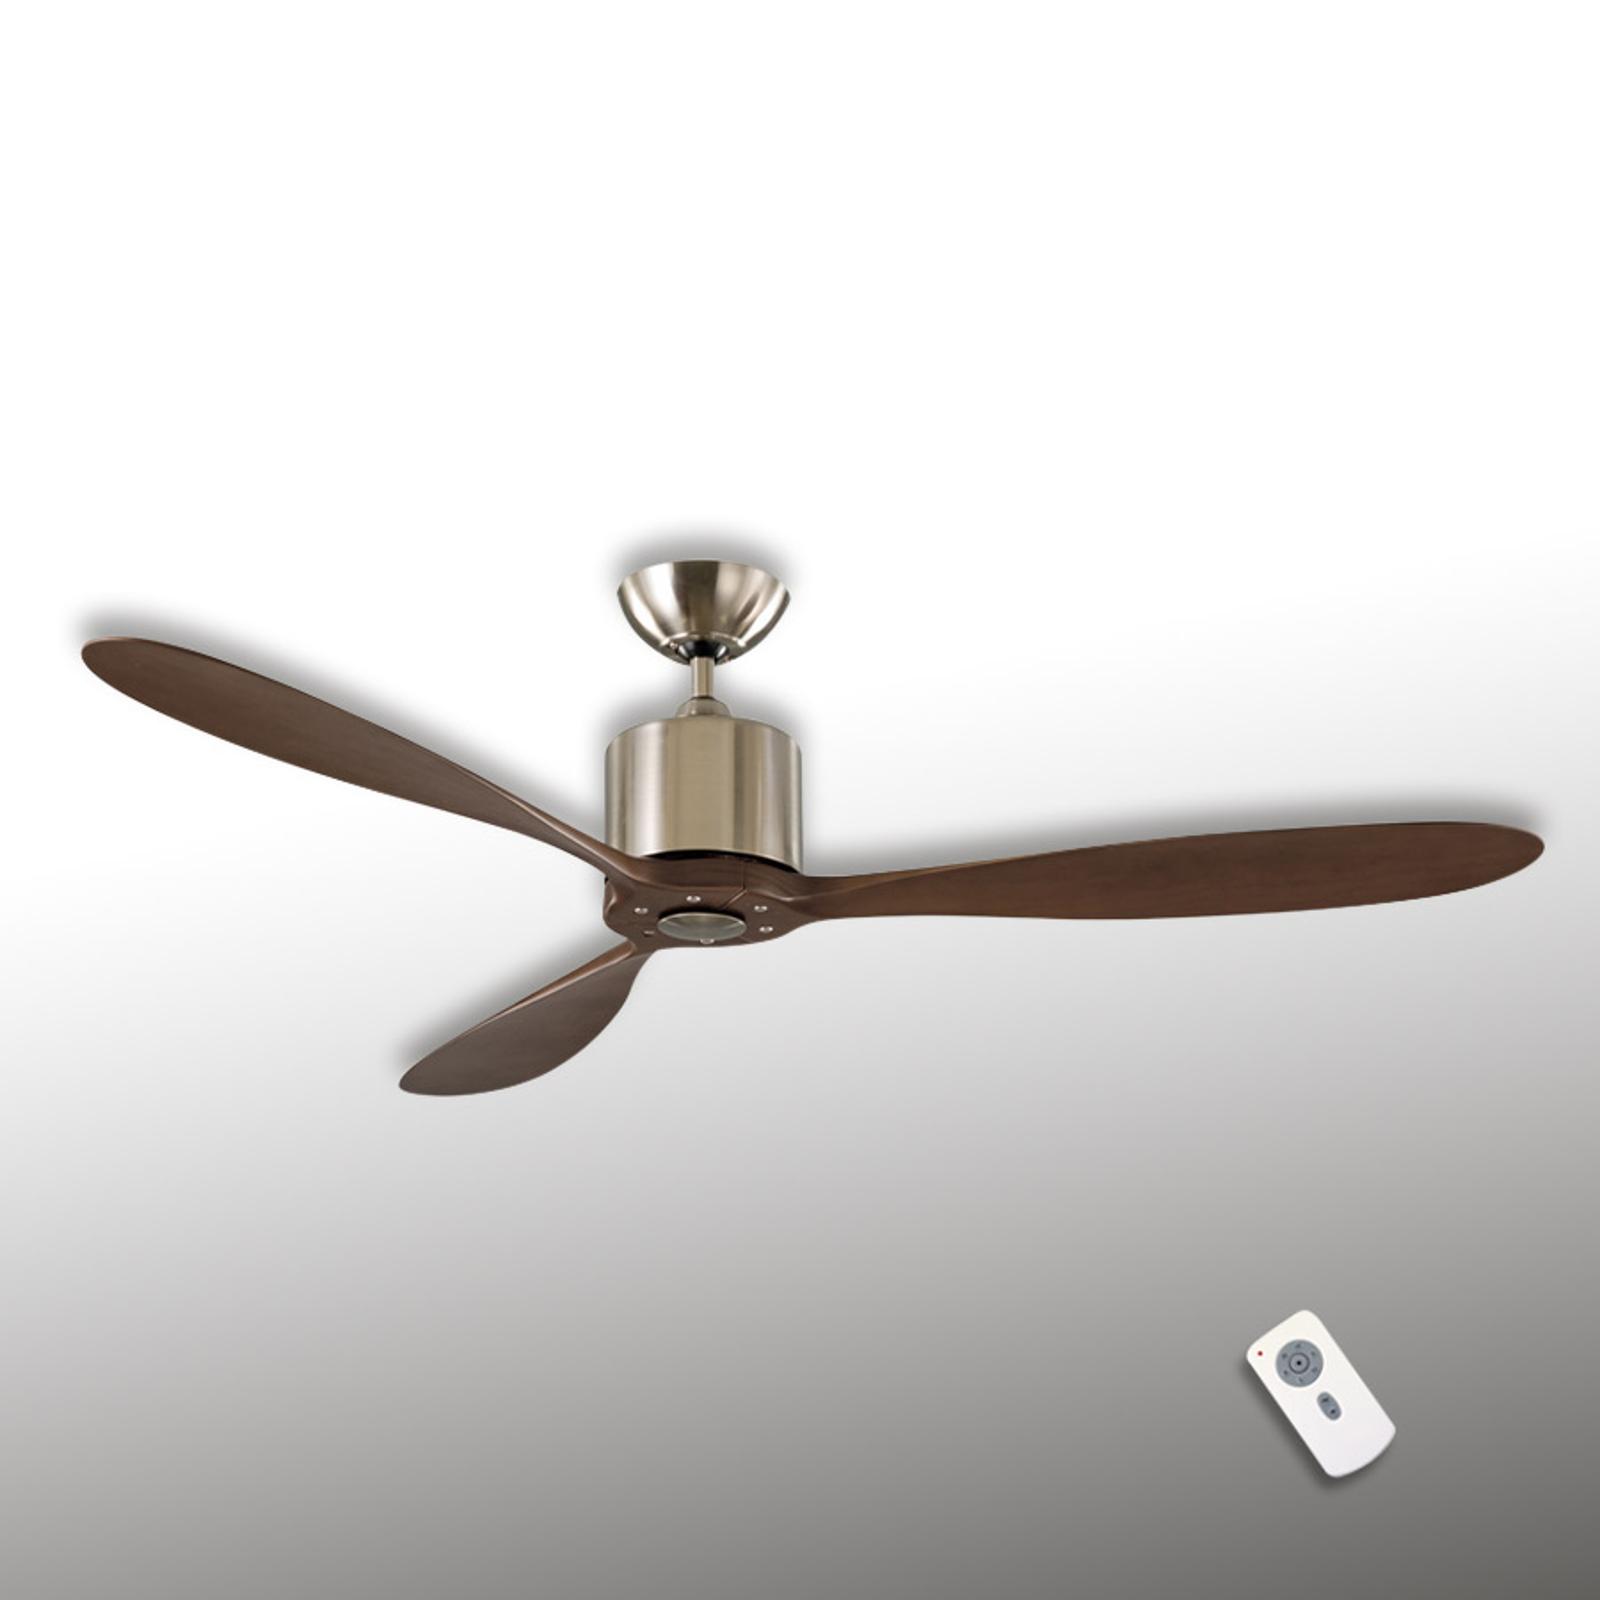 Aeroplan Eco ventilador de techo cromo, nogal